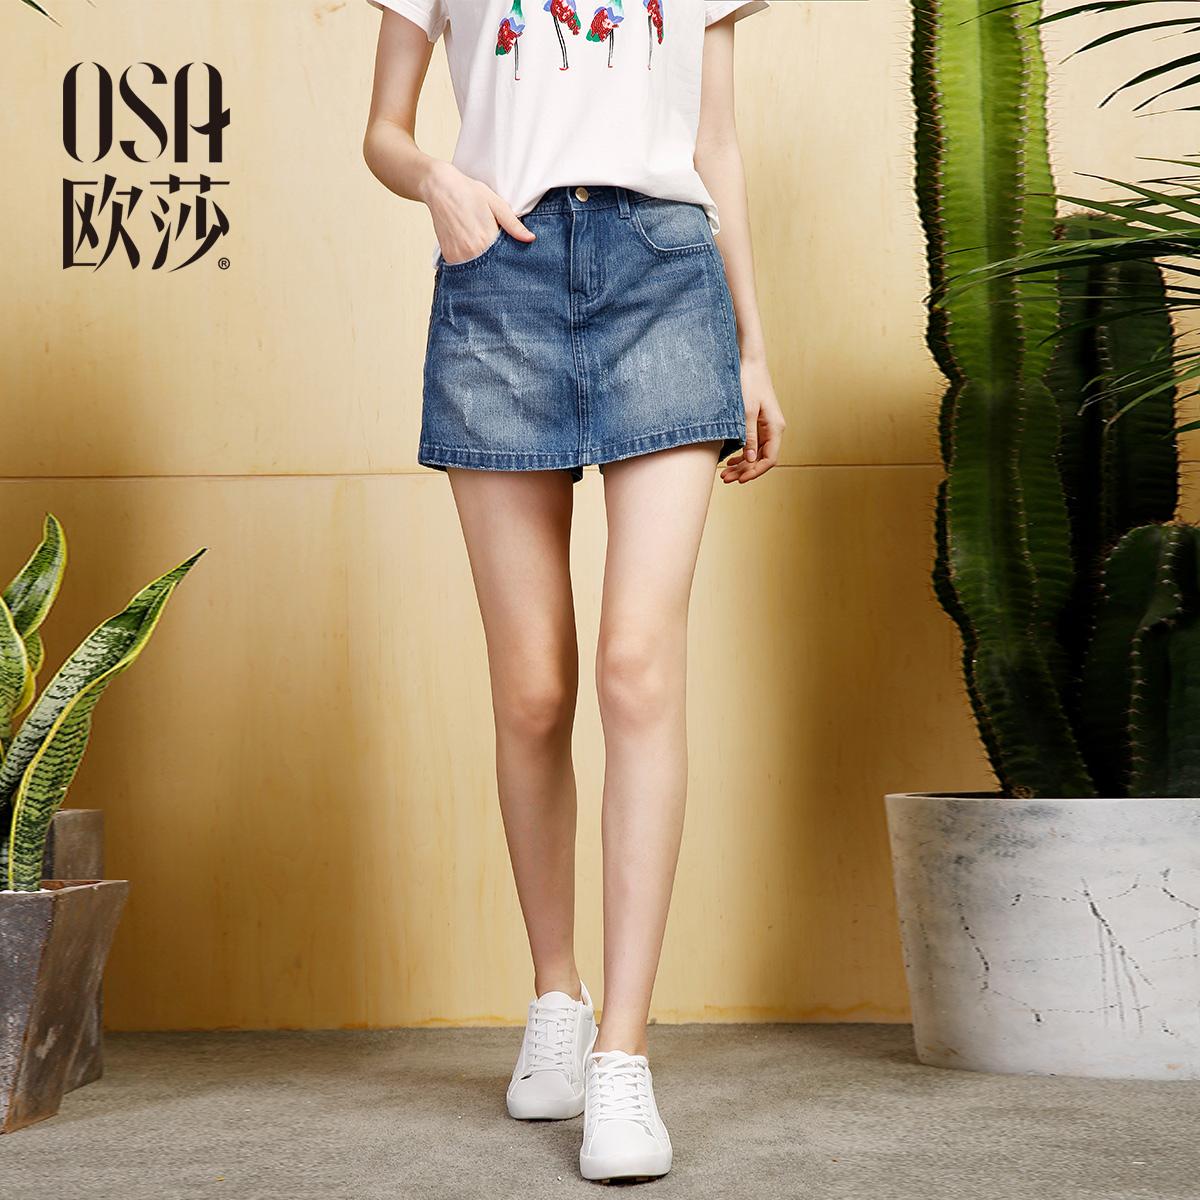 OSA欧莎2017夏装新款时尚裙裤金属拉链舒适短裤子牛仔裤女B53015